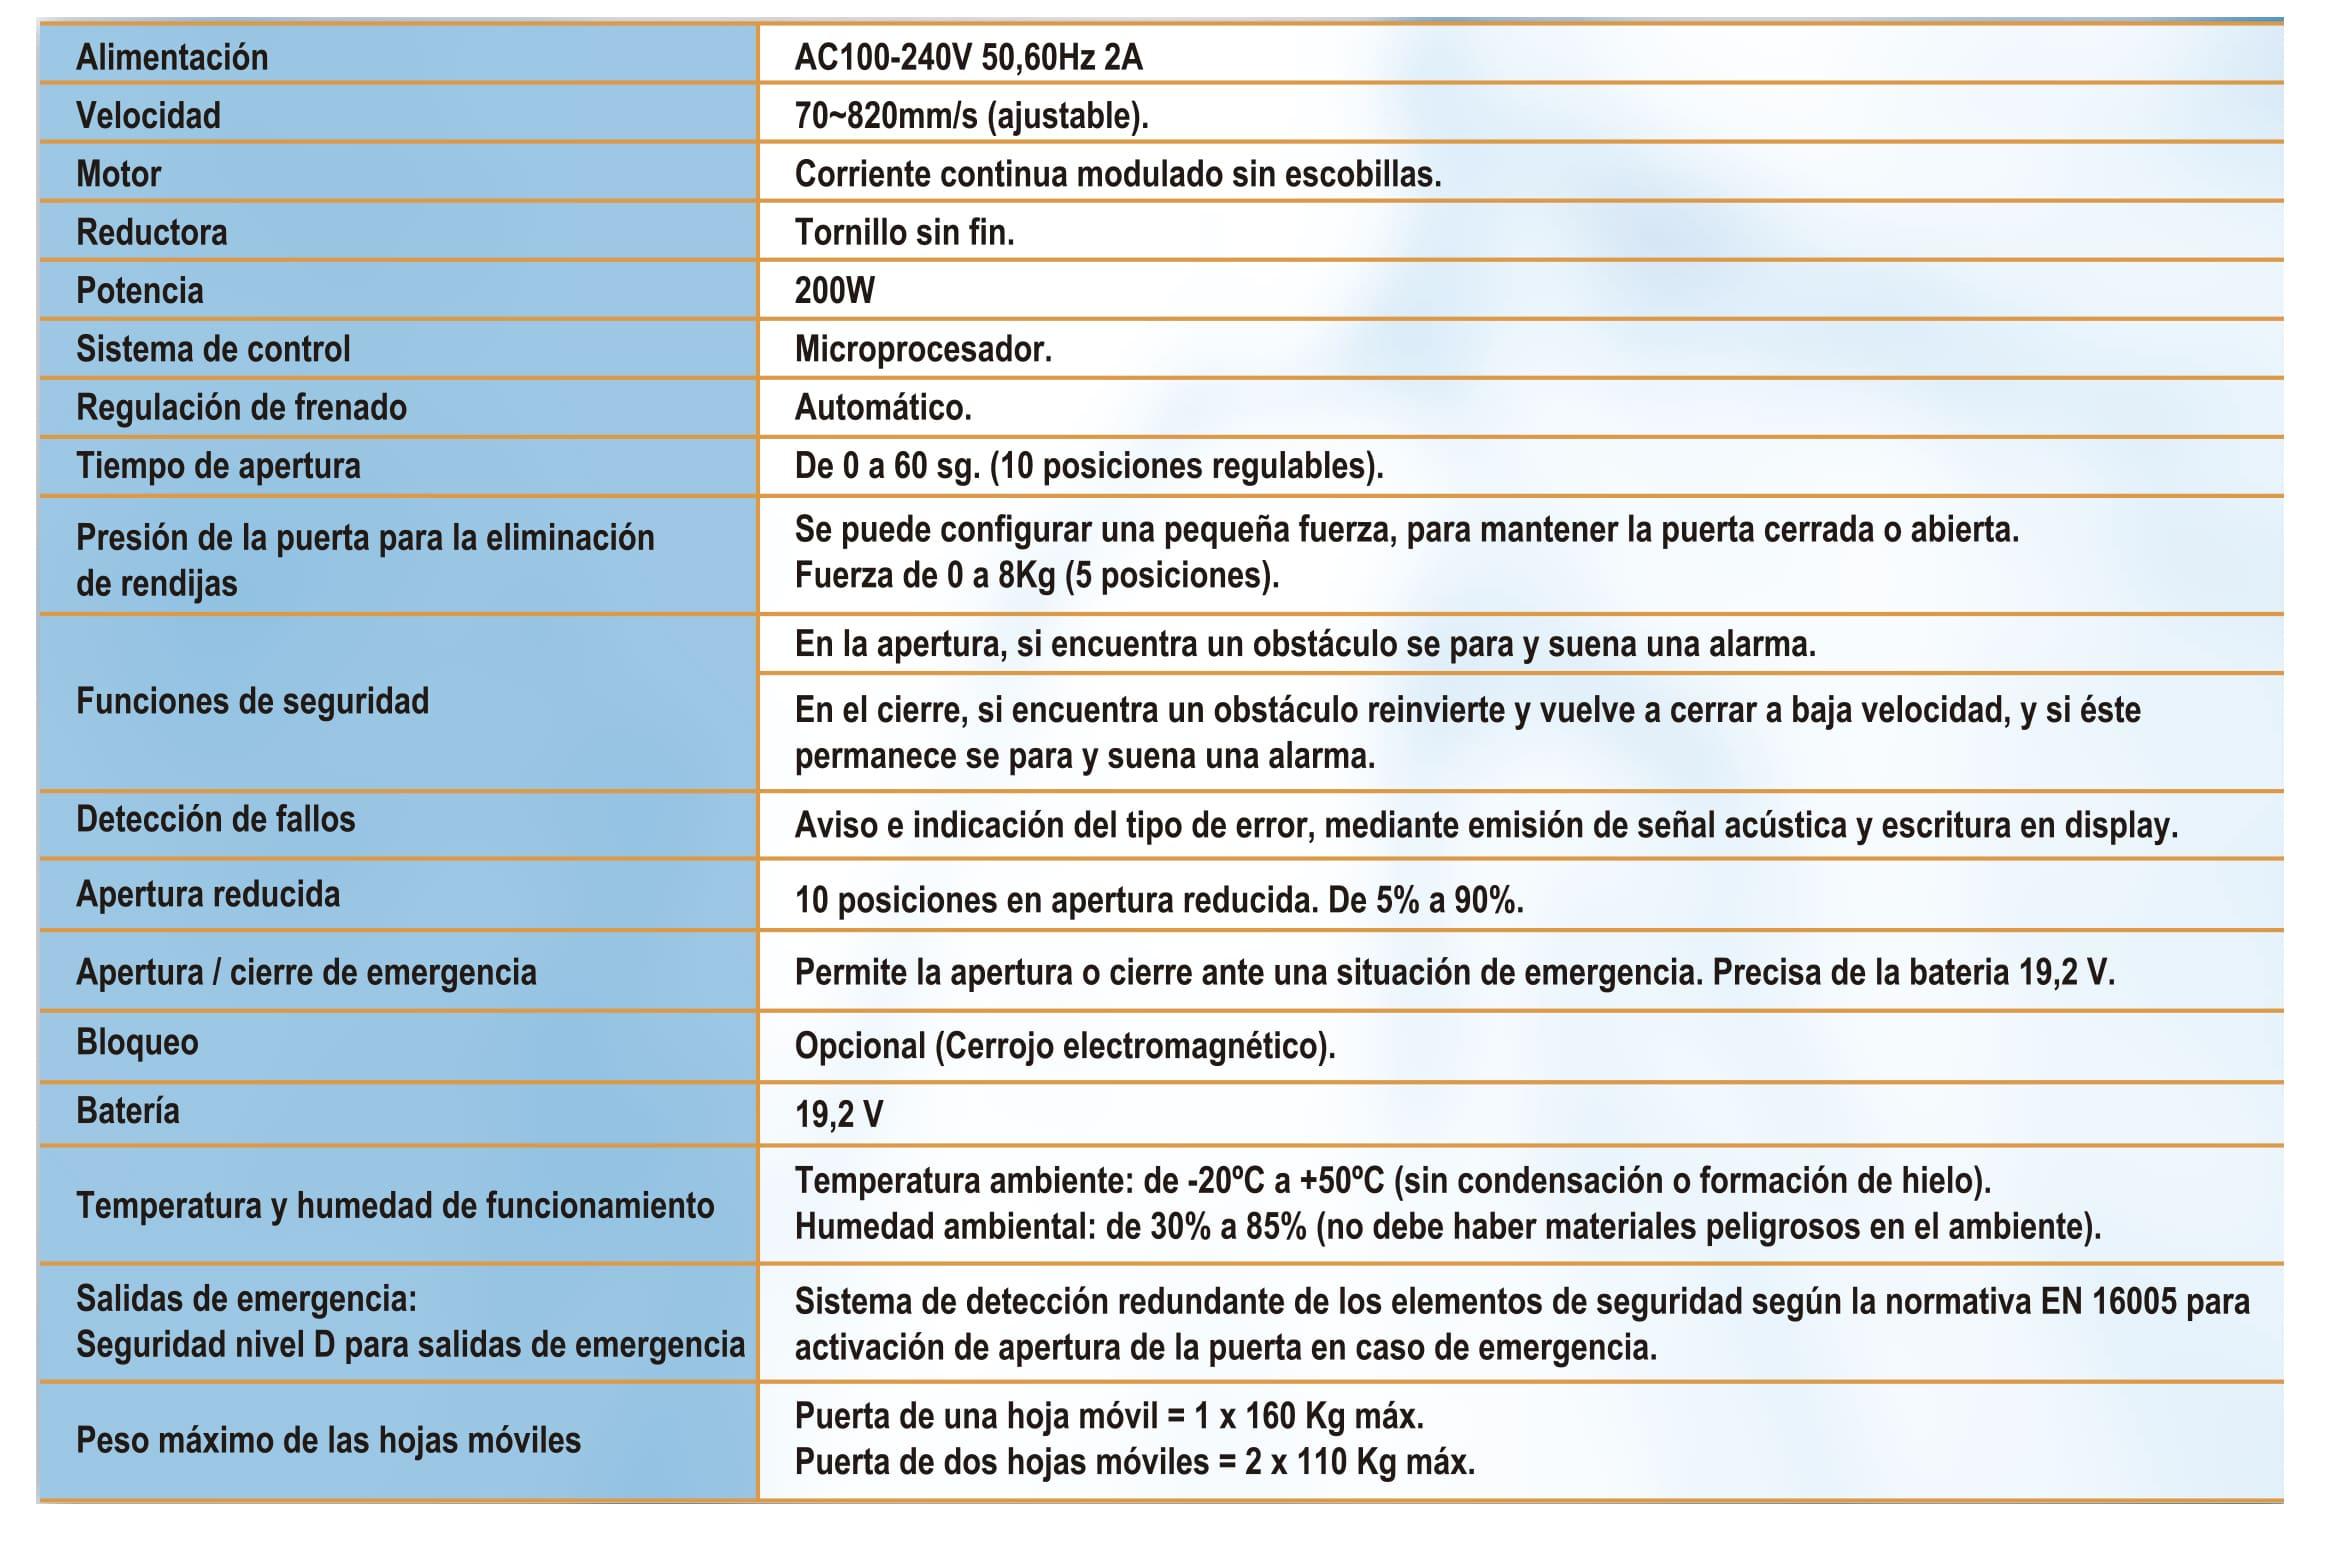 caracteristicas-mi-75